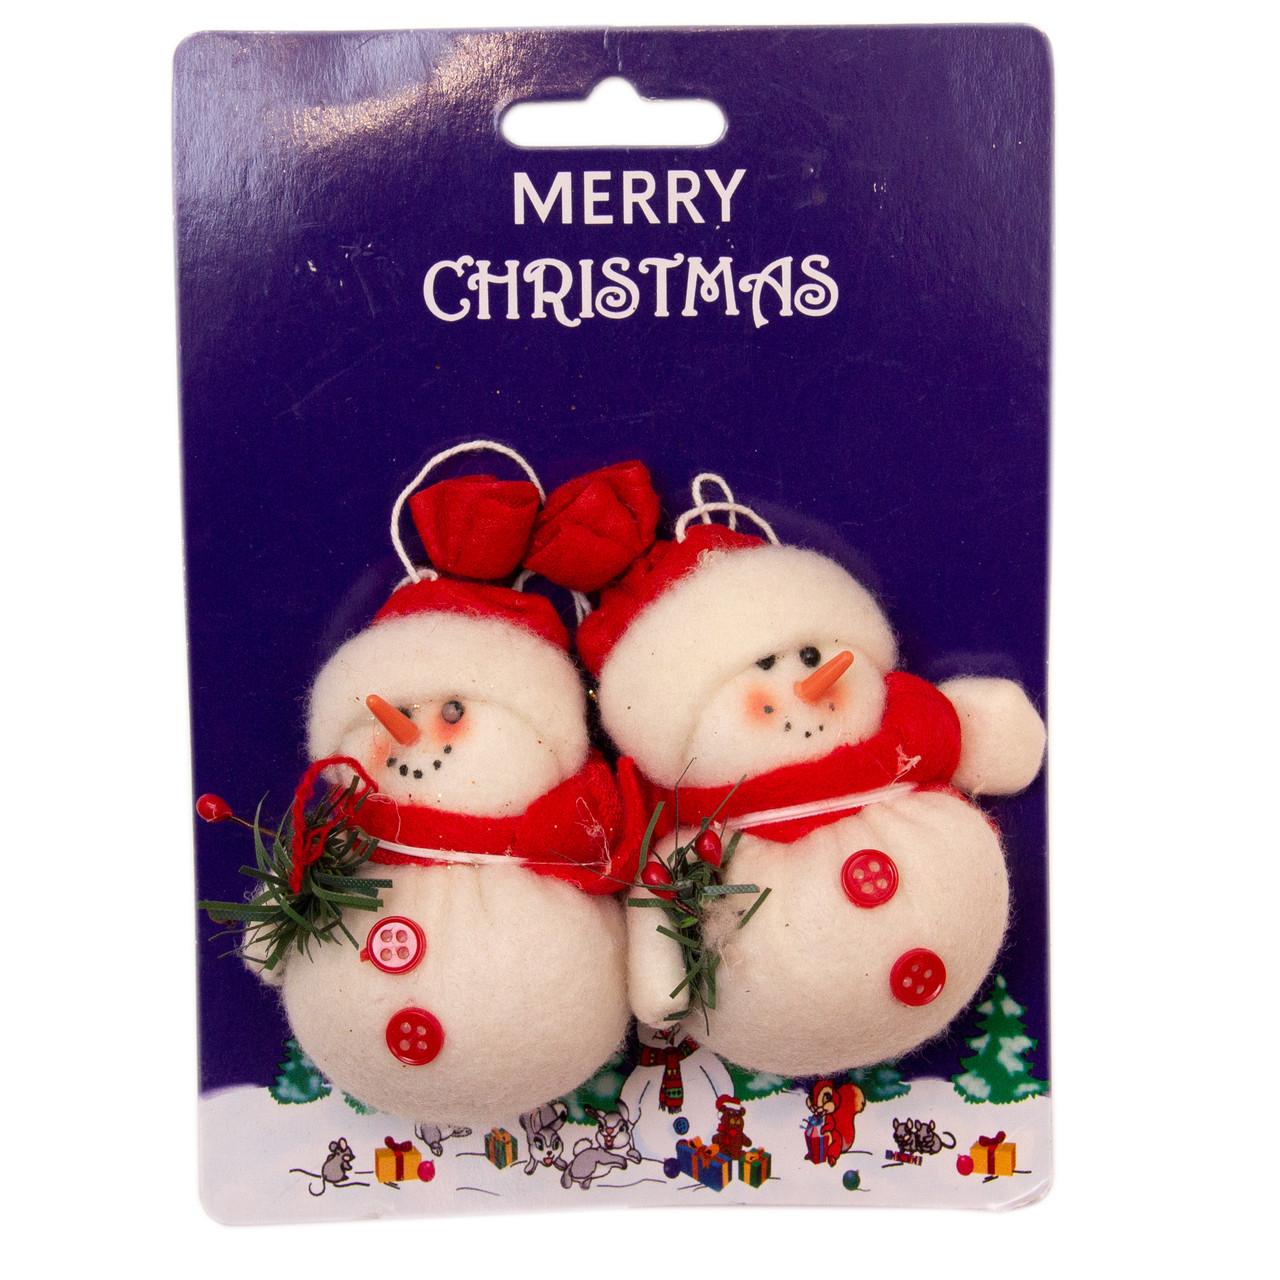 Набор елочных игрушек - мягкая фигурка снеговик, 2 шт, 7 см, красный, текстиль (000050-2)